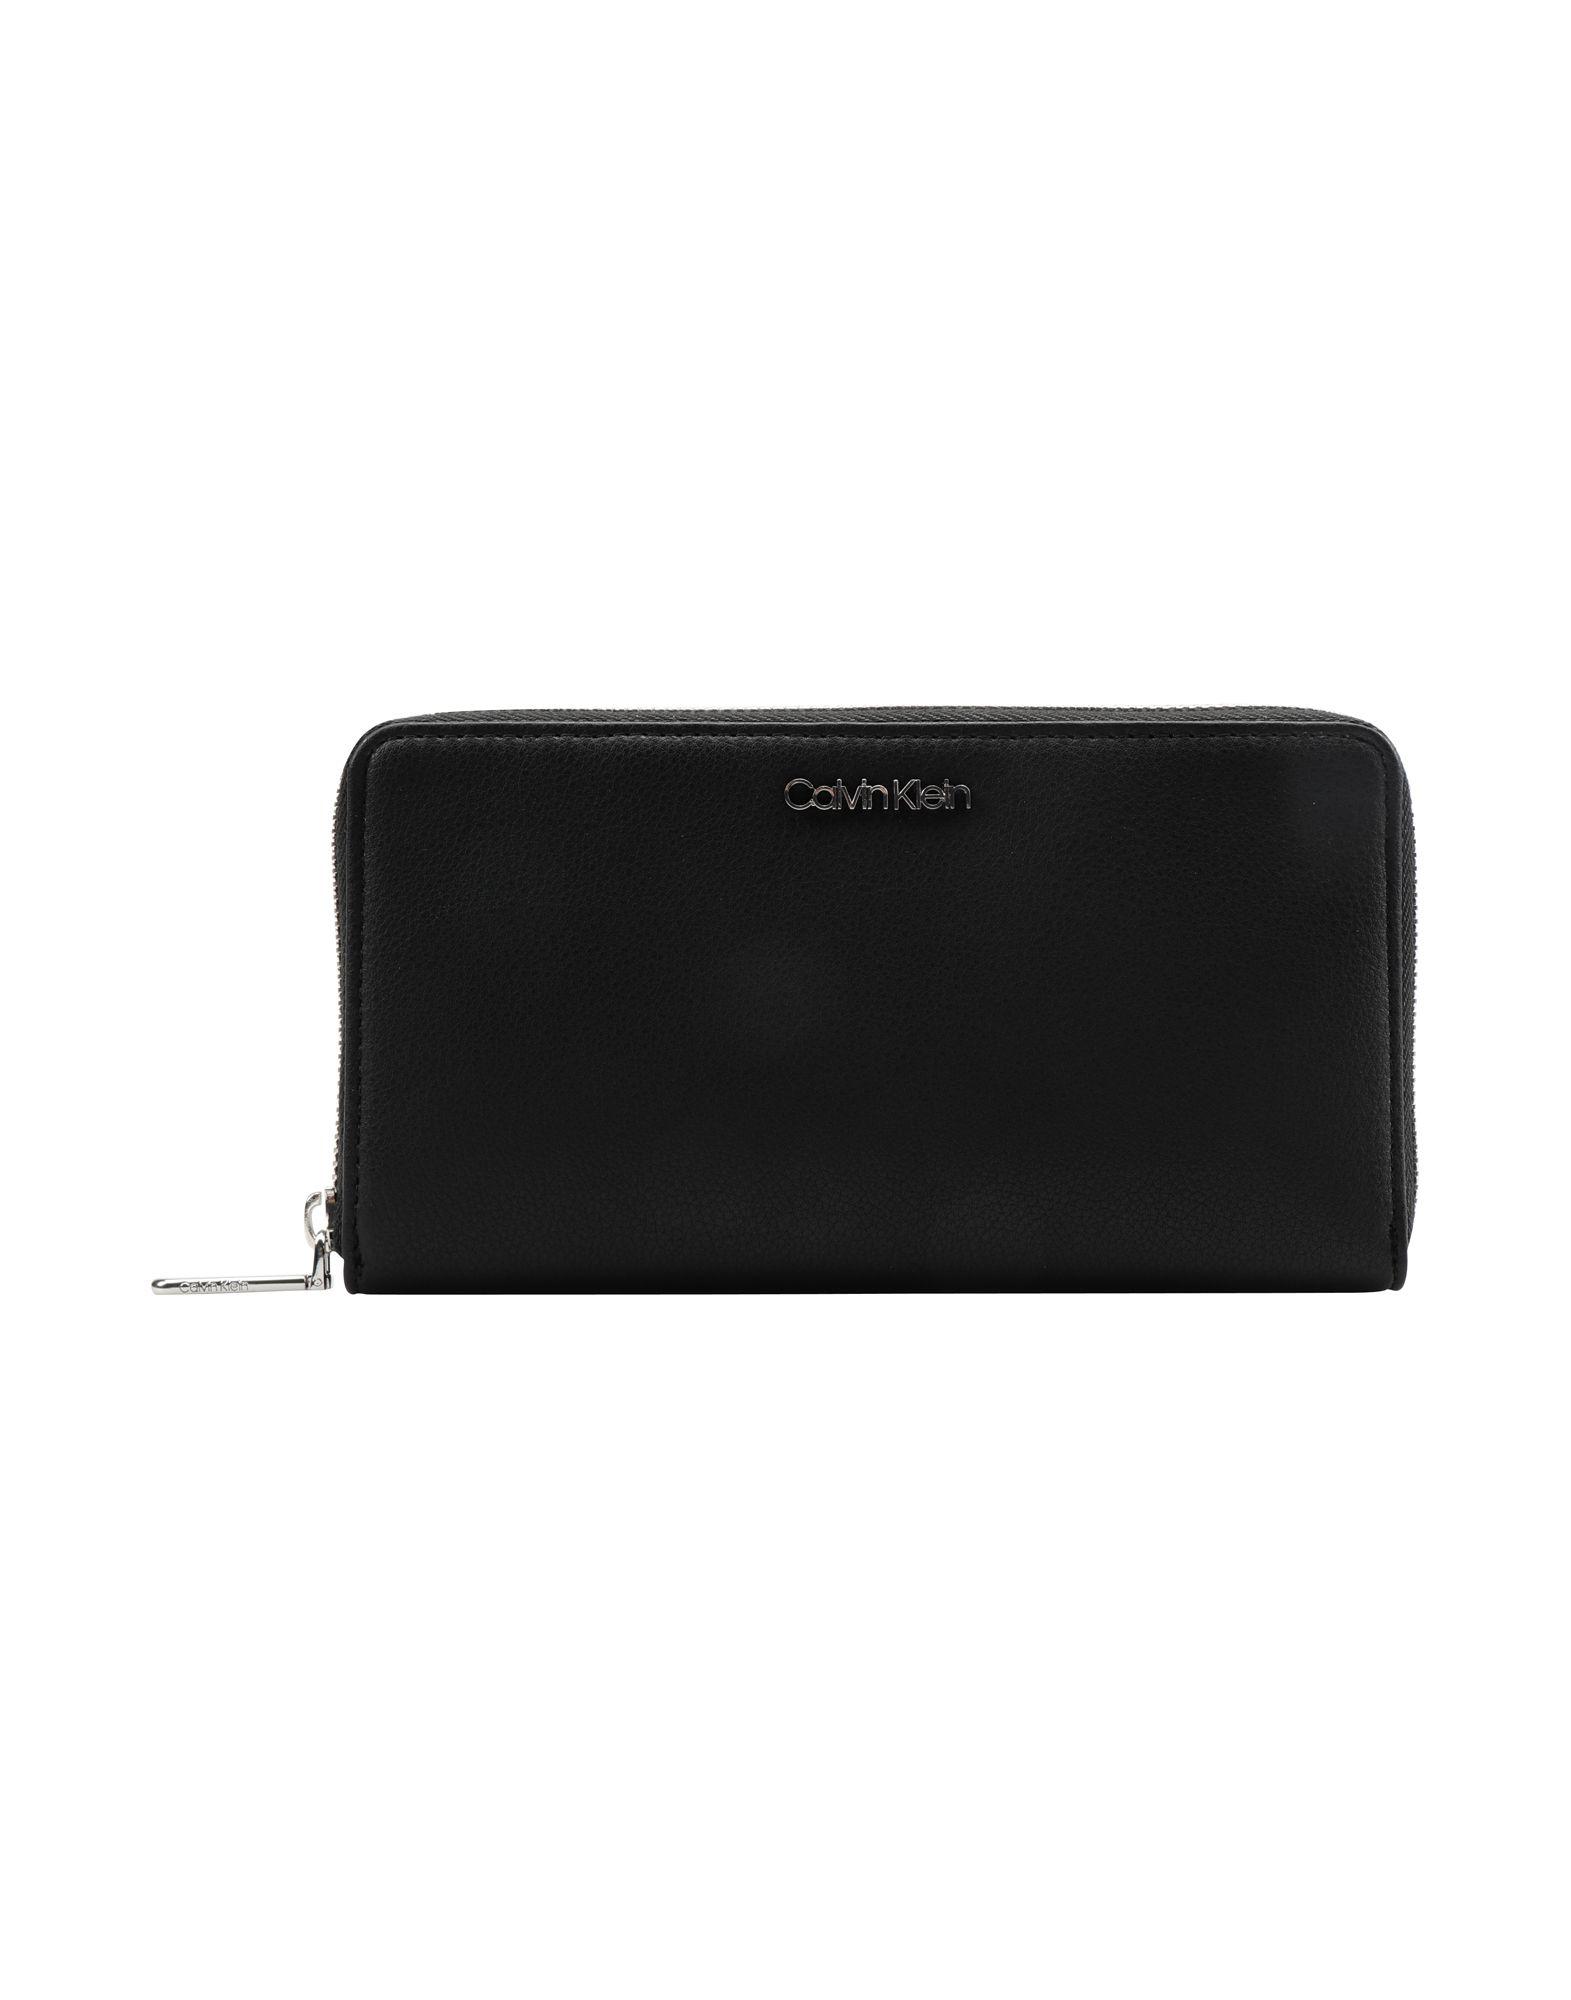 75bf815fde Portafoglio Calvin Klein Tack Large Ziparound Xl - Donna - Acquista online  su YOOX - 46625268CD